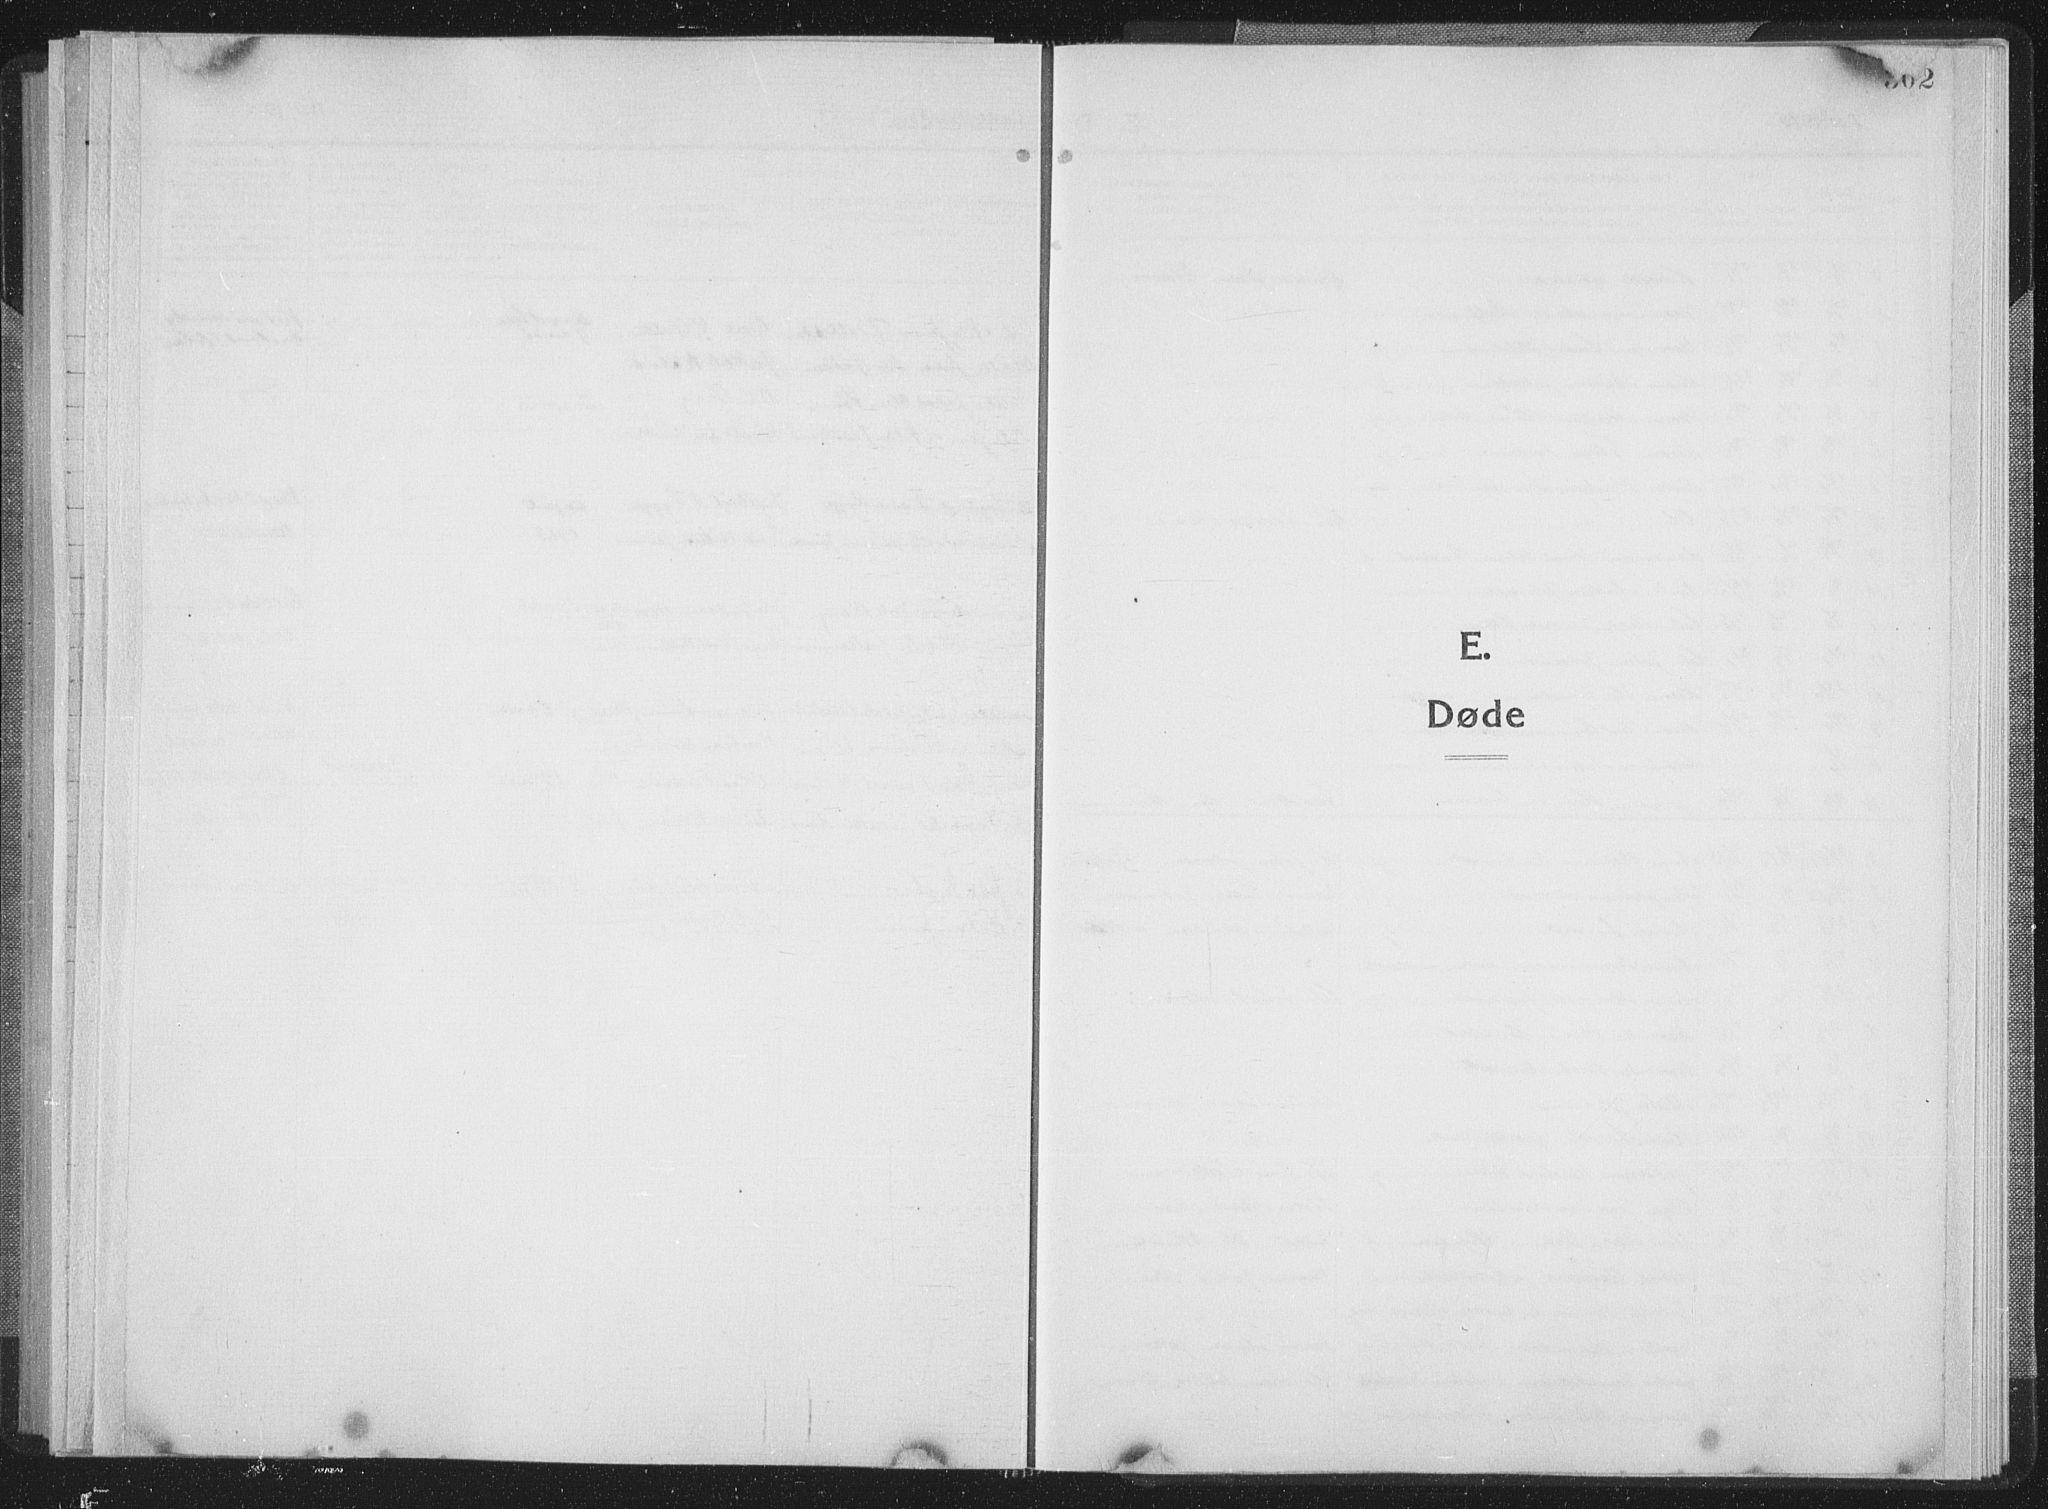 SAT, Ministerialprotokoller, klokkerbøker og fødselsregistre - Sør-Trøndelag, 659/L0747: Klokkerbok nr. 659C04, 1913-1938, s. 302